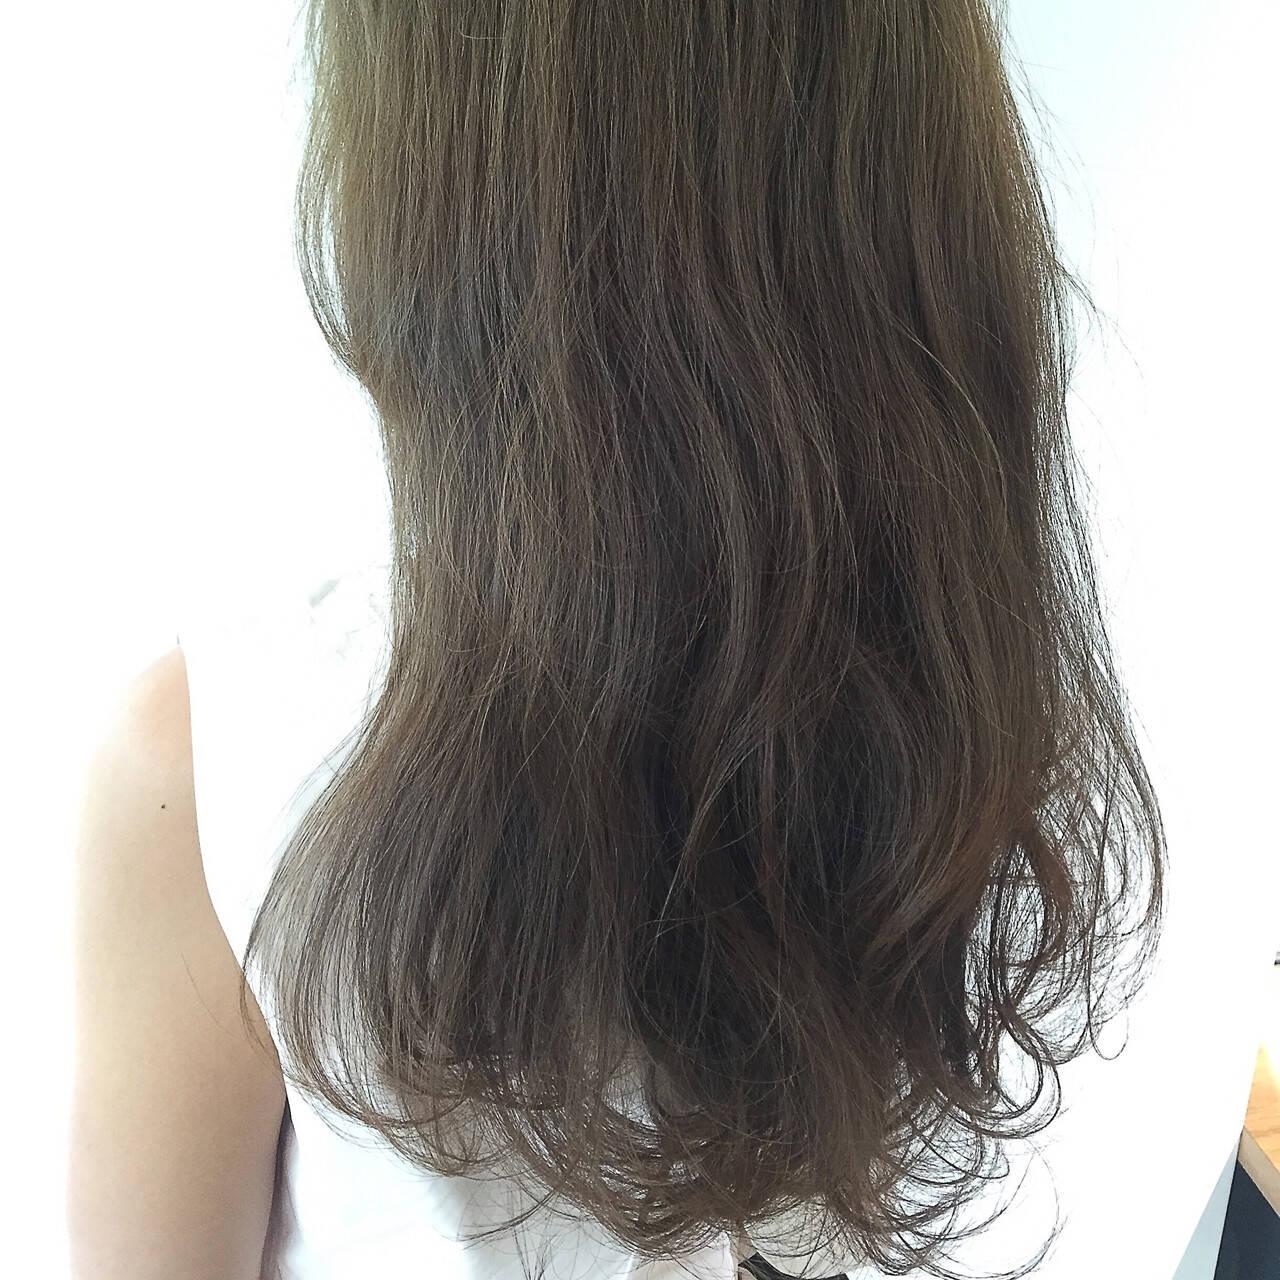 ナチュラル 外国人風 大人かわいい ロングヘアスタイルや髪型の写真・画像